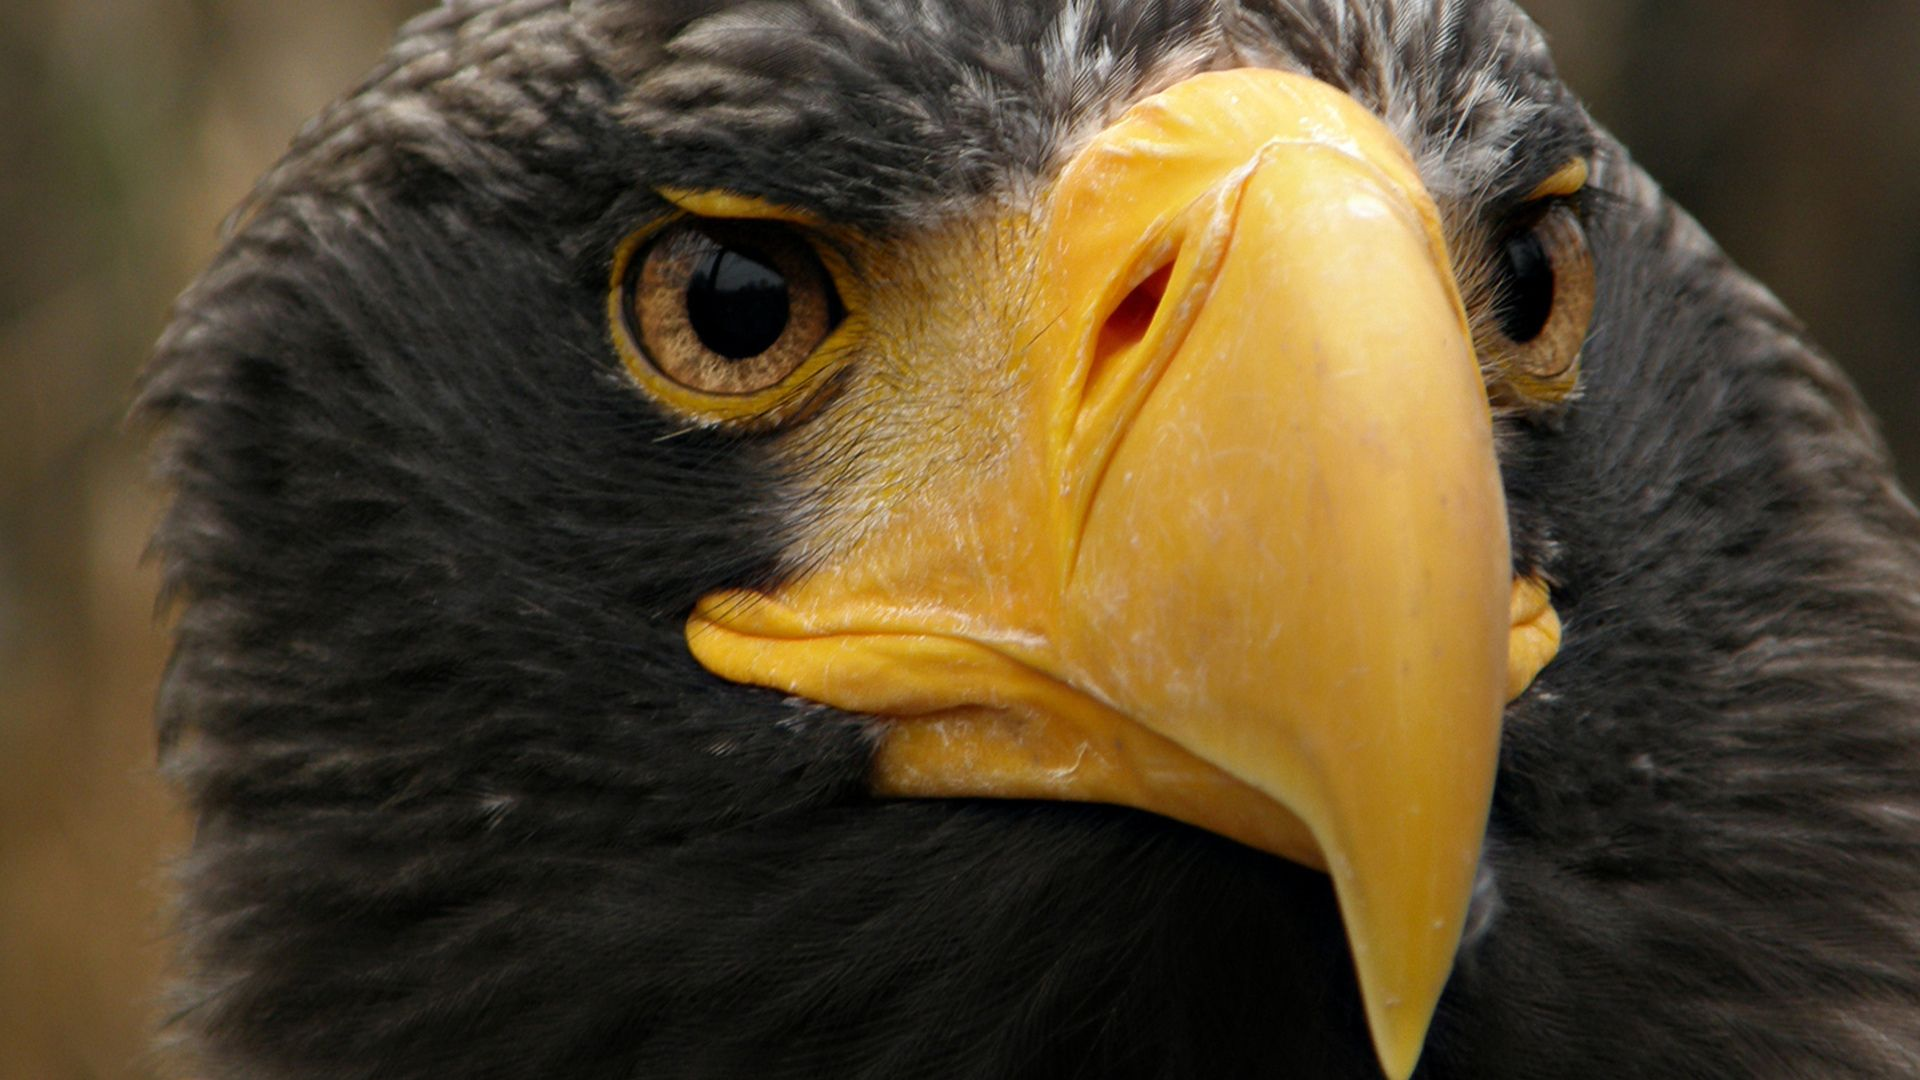 The Beak Of The Eagle Photo